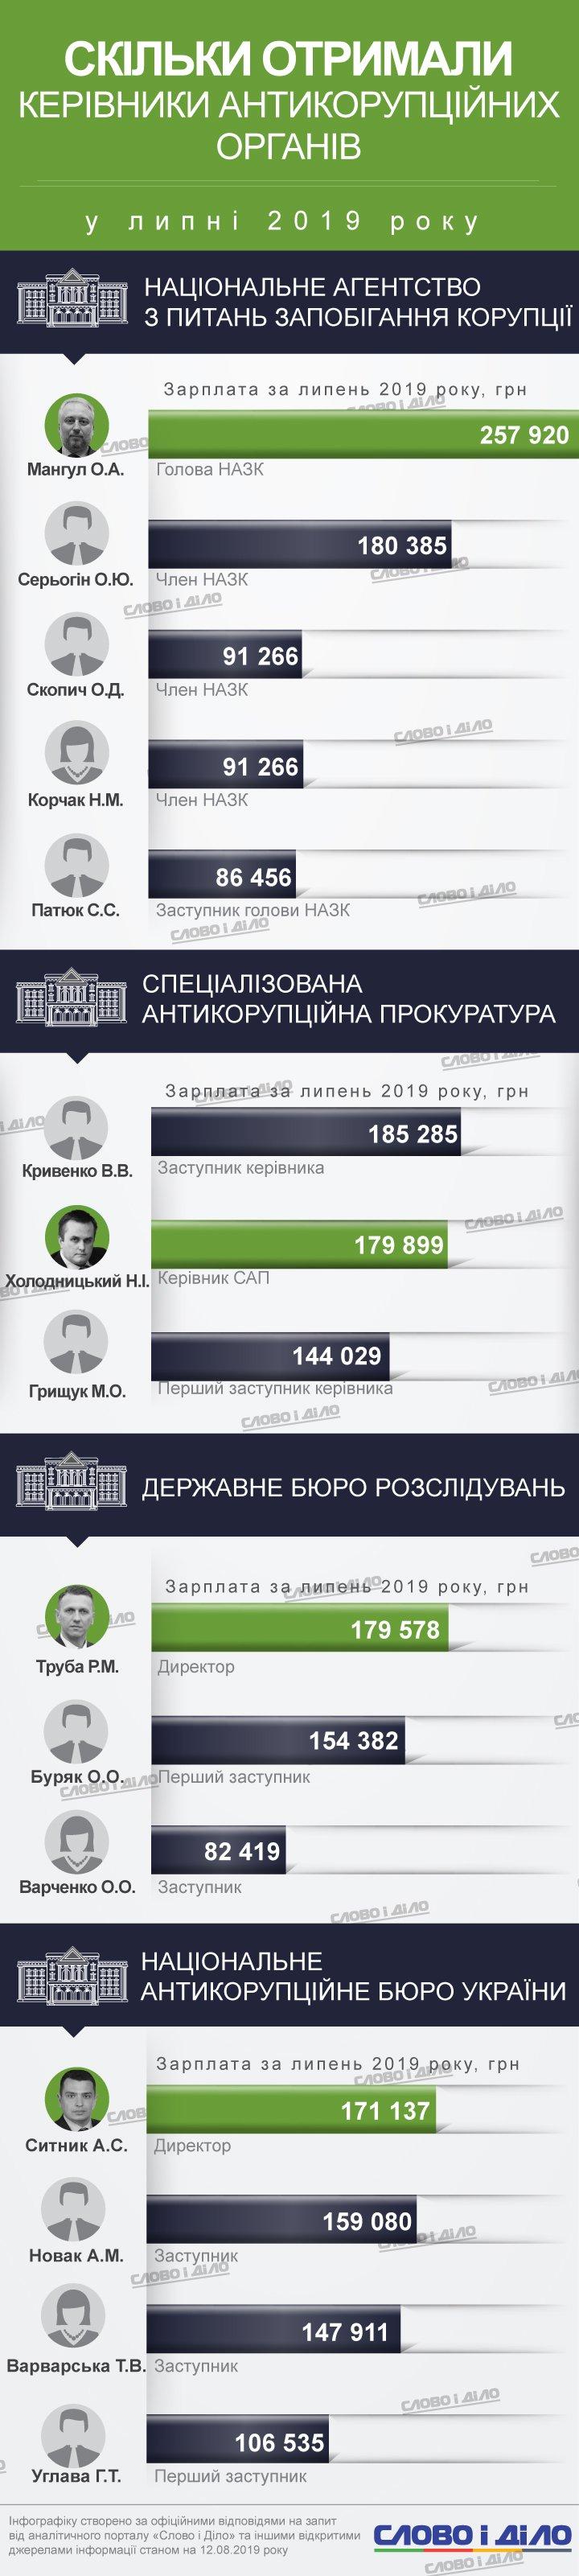 Найбільш високооплачуваний антикоррупціонер липня – голова НАЗК Олександр Мангул. Він заробив майже 260 тисяч.